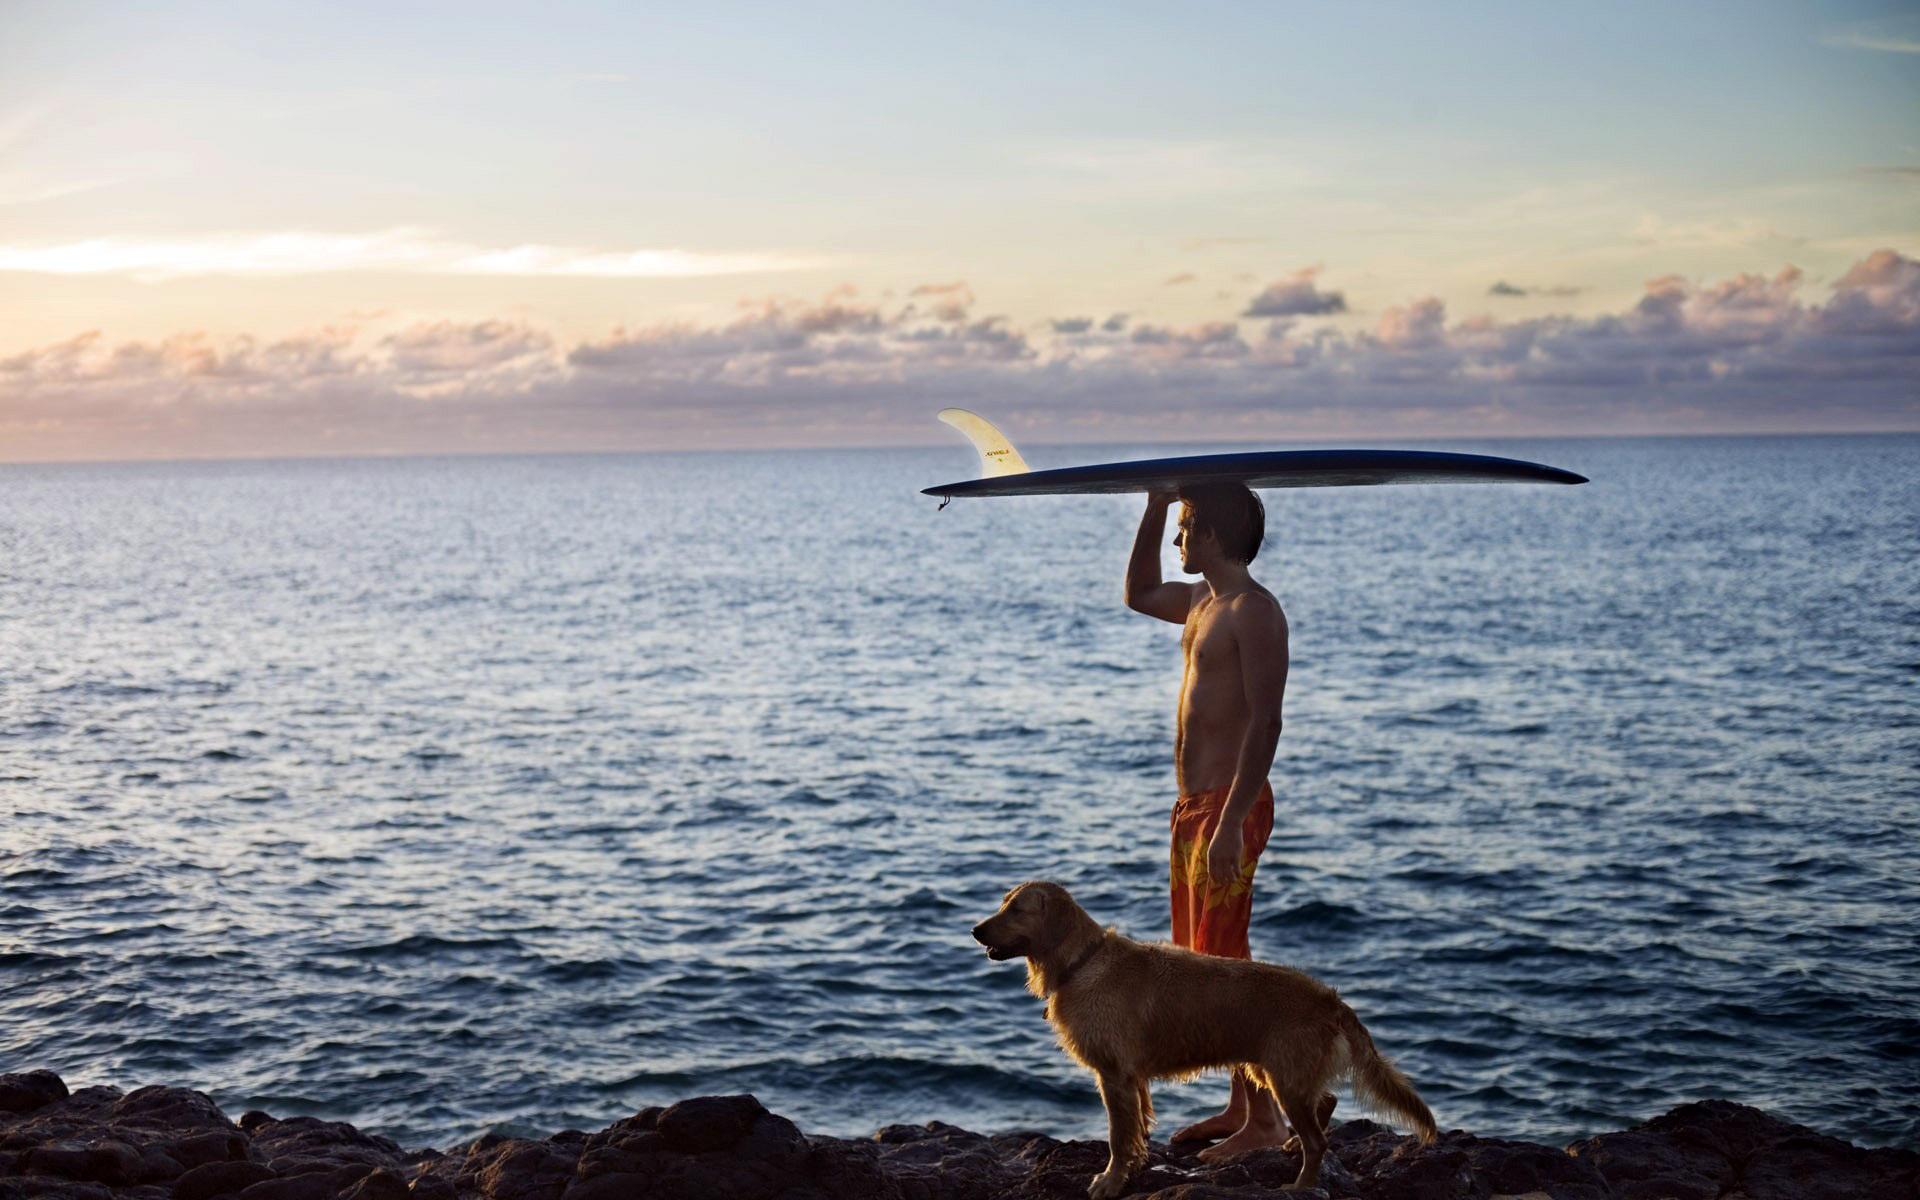 entrenamientos-surf-consejos-6